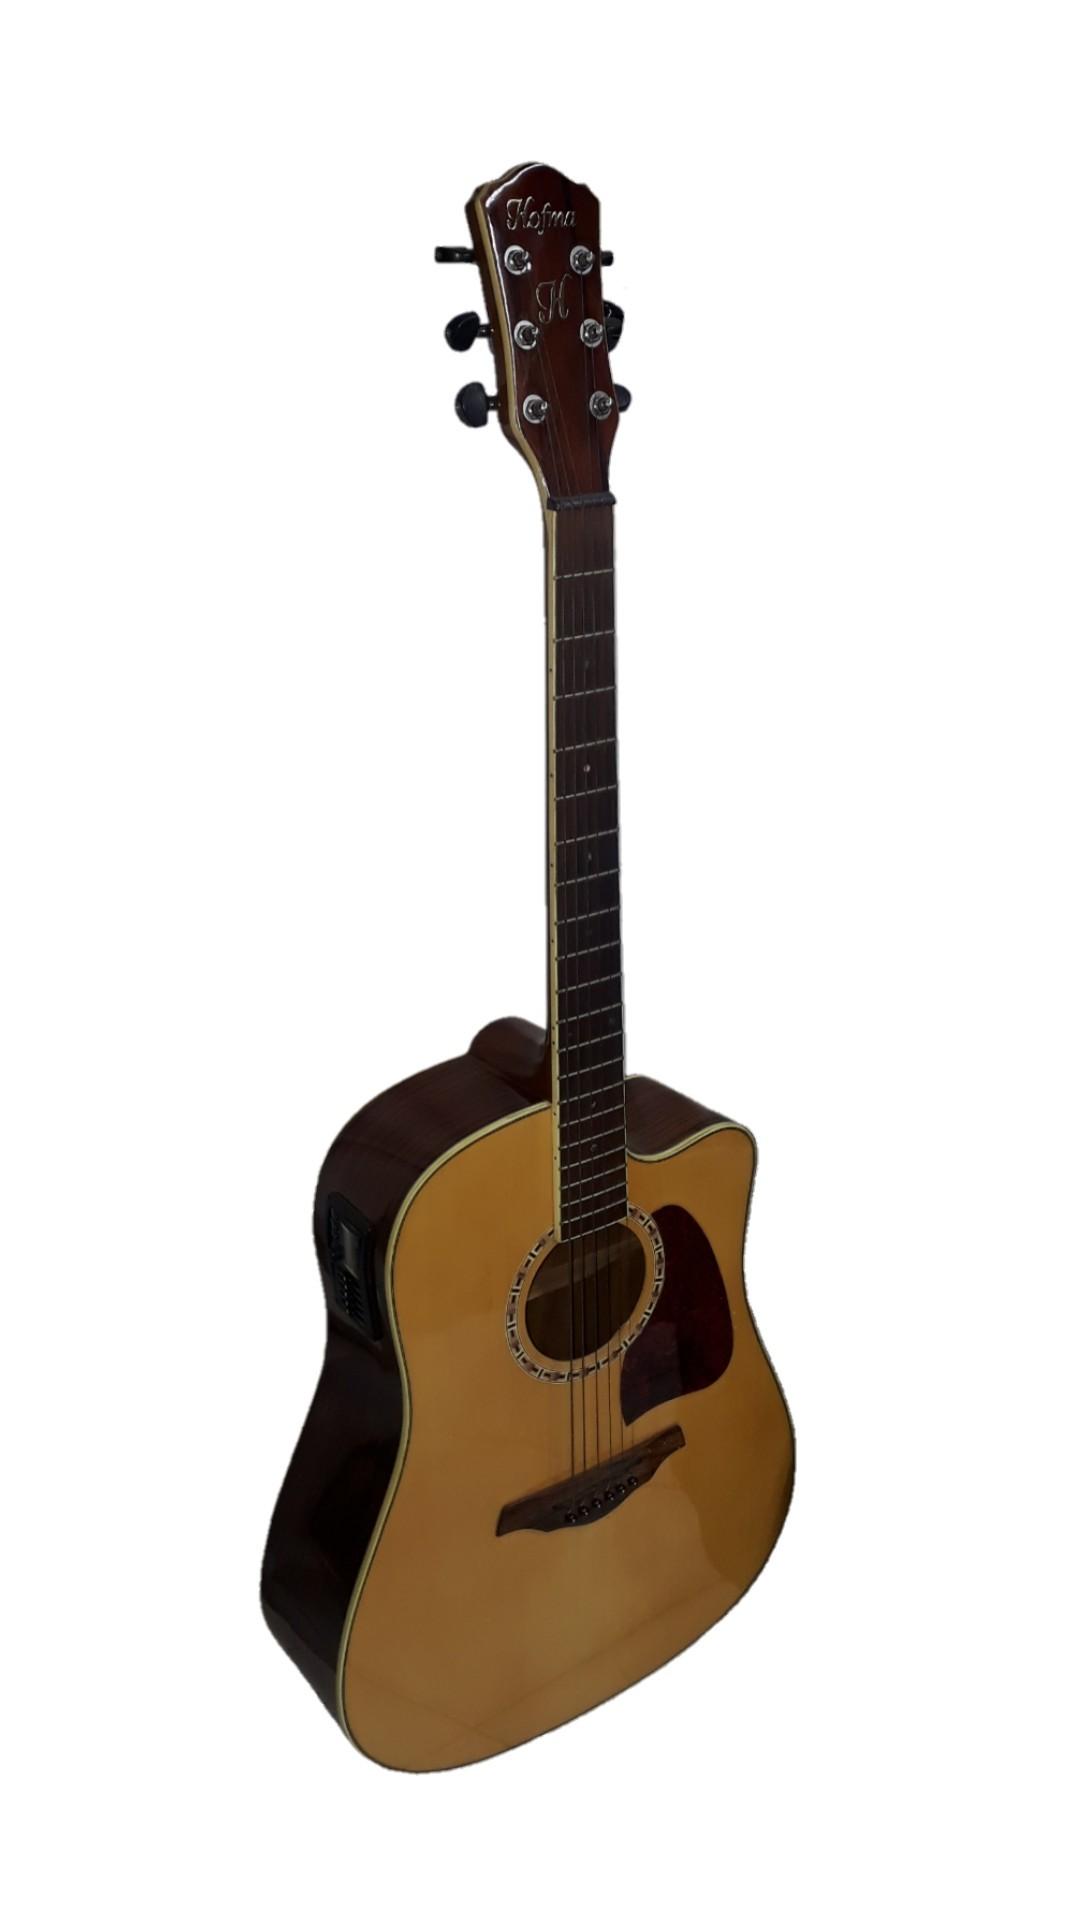 Violão Hofma Hmd275 Aço Folk Elétrico, 6 Controles,   Cutway,  Afinador,   Natural Brilhante